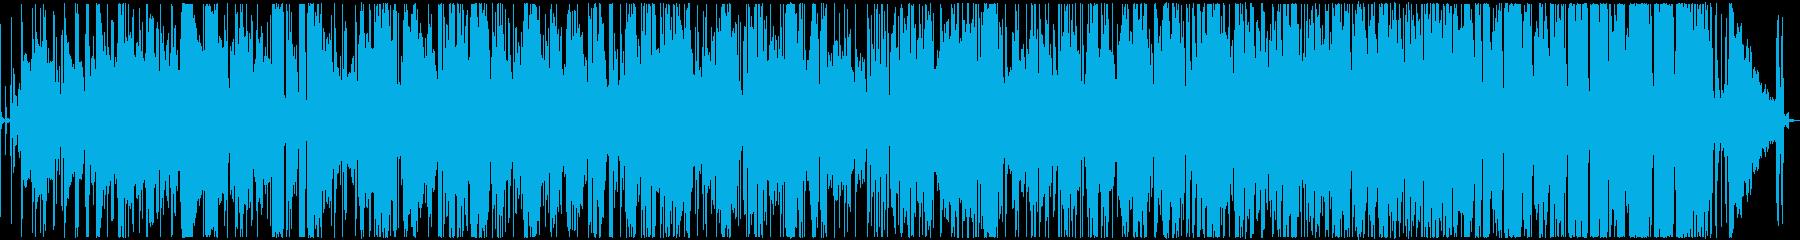 クリスマス定番曲のスムースジャズアレンジの再生済みの波形